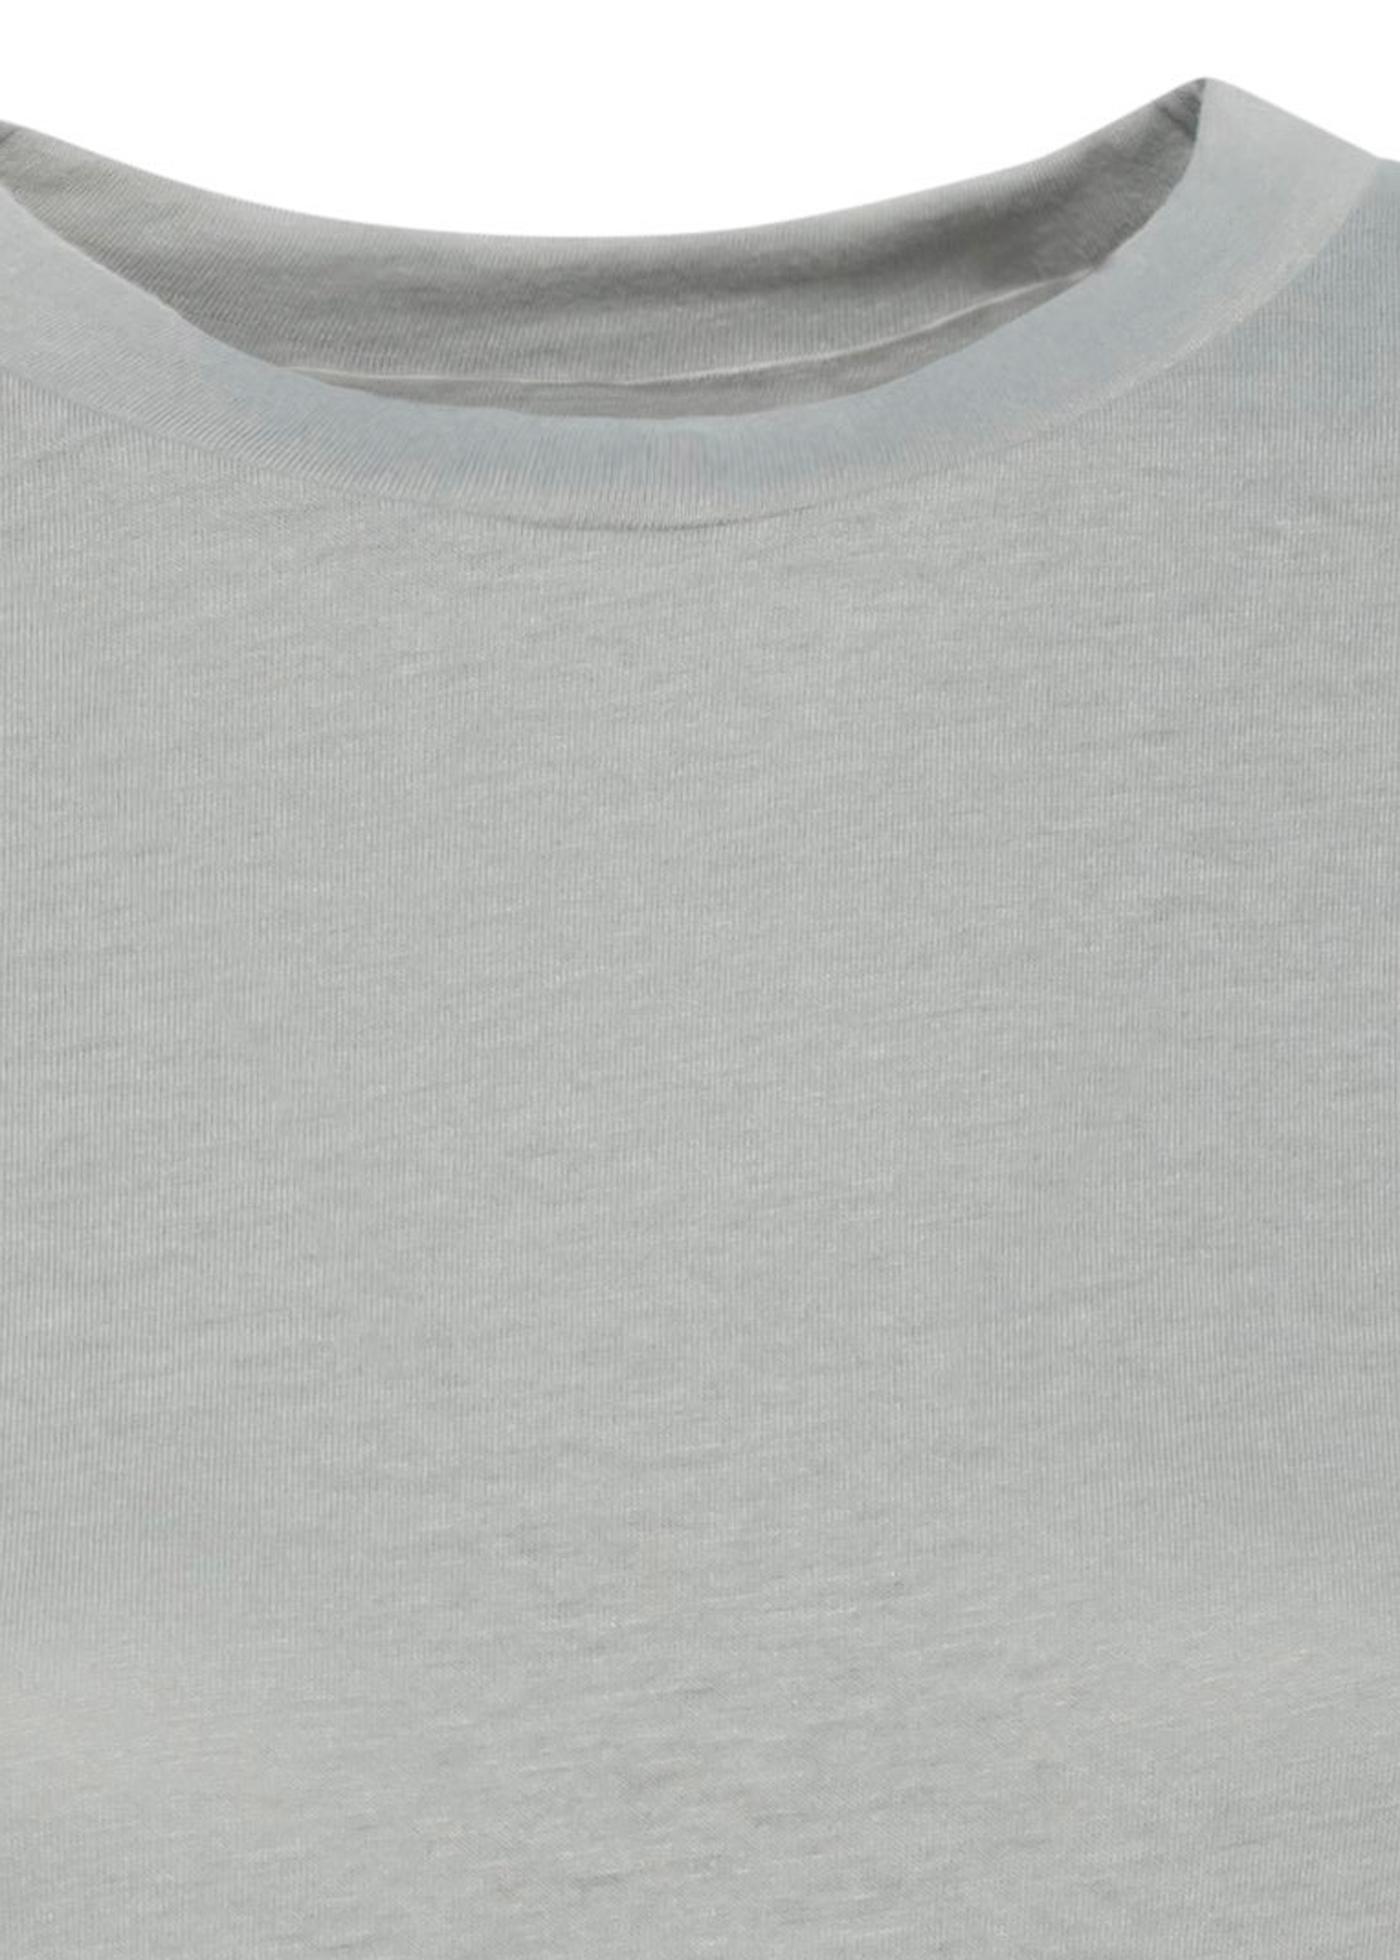 ELBOW SLV CREW / ELBOW SLV CREW image number 2